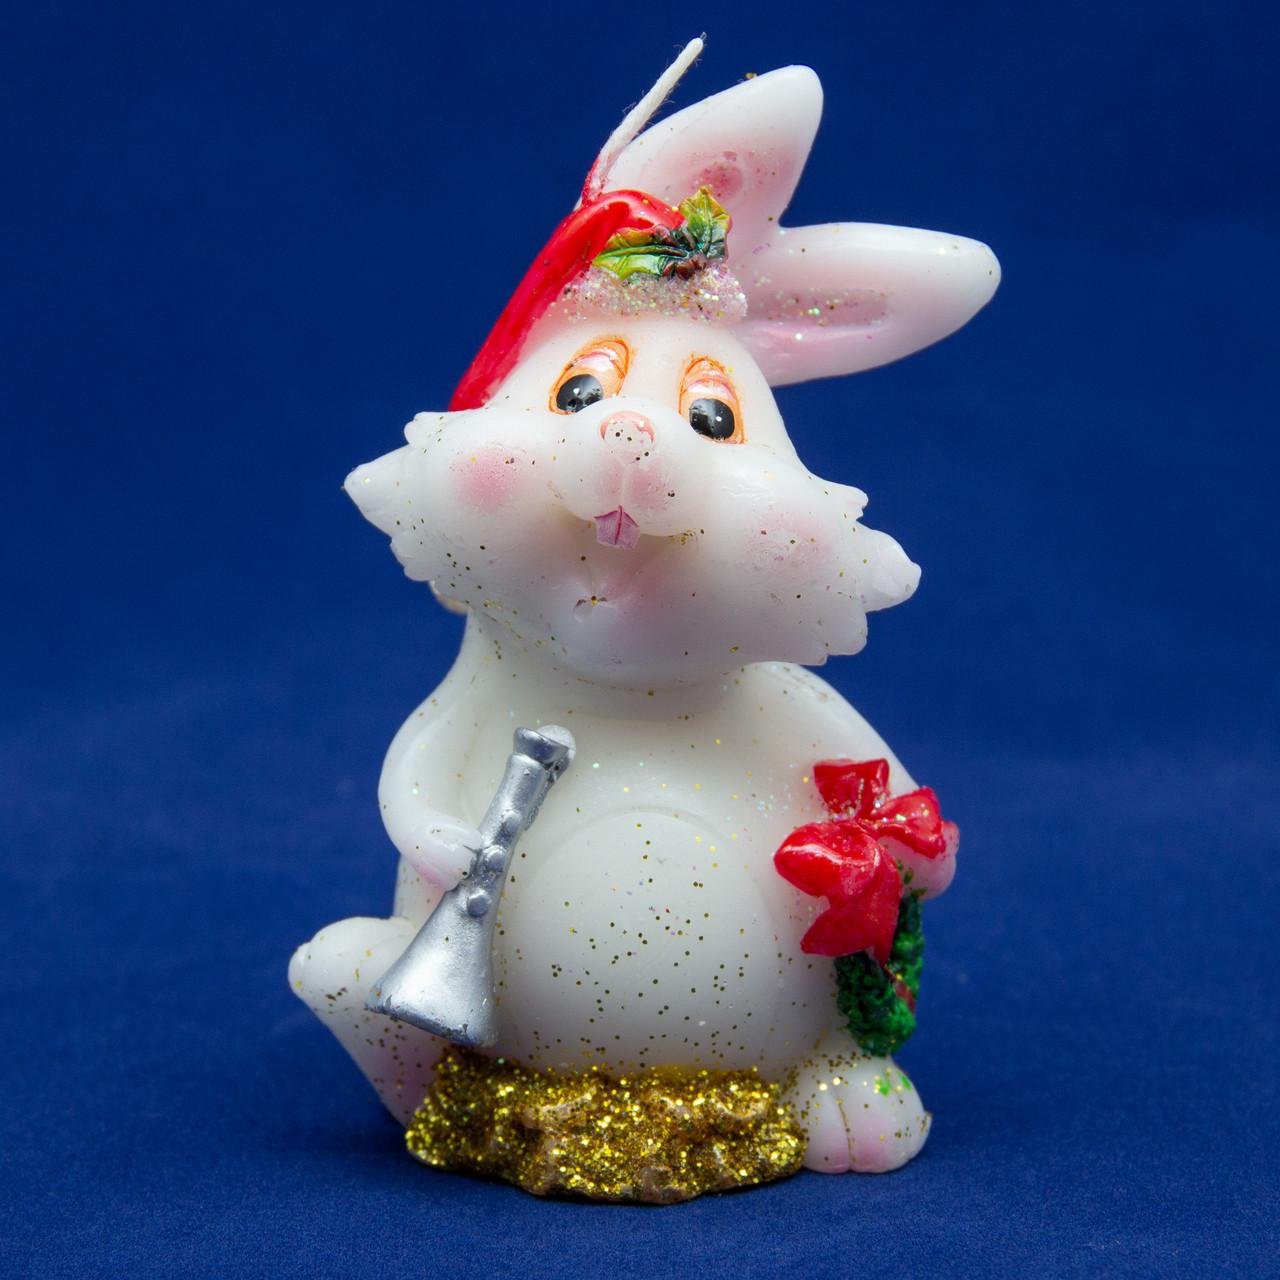 Свечка - Кролик с дудкой, 7,6 см, белый с красным, воск (440177-1)